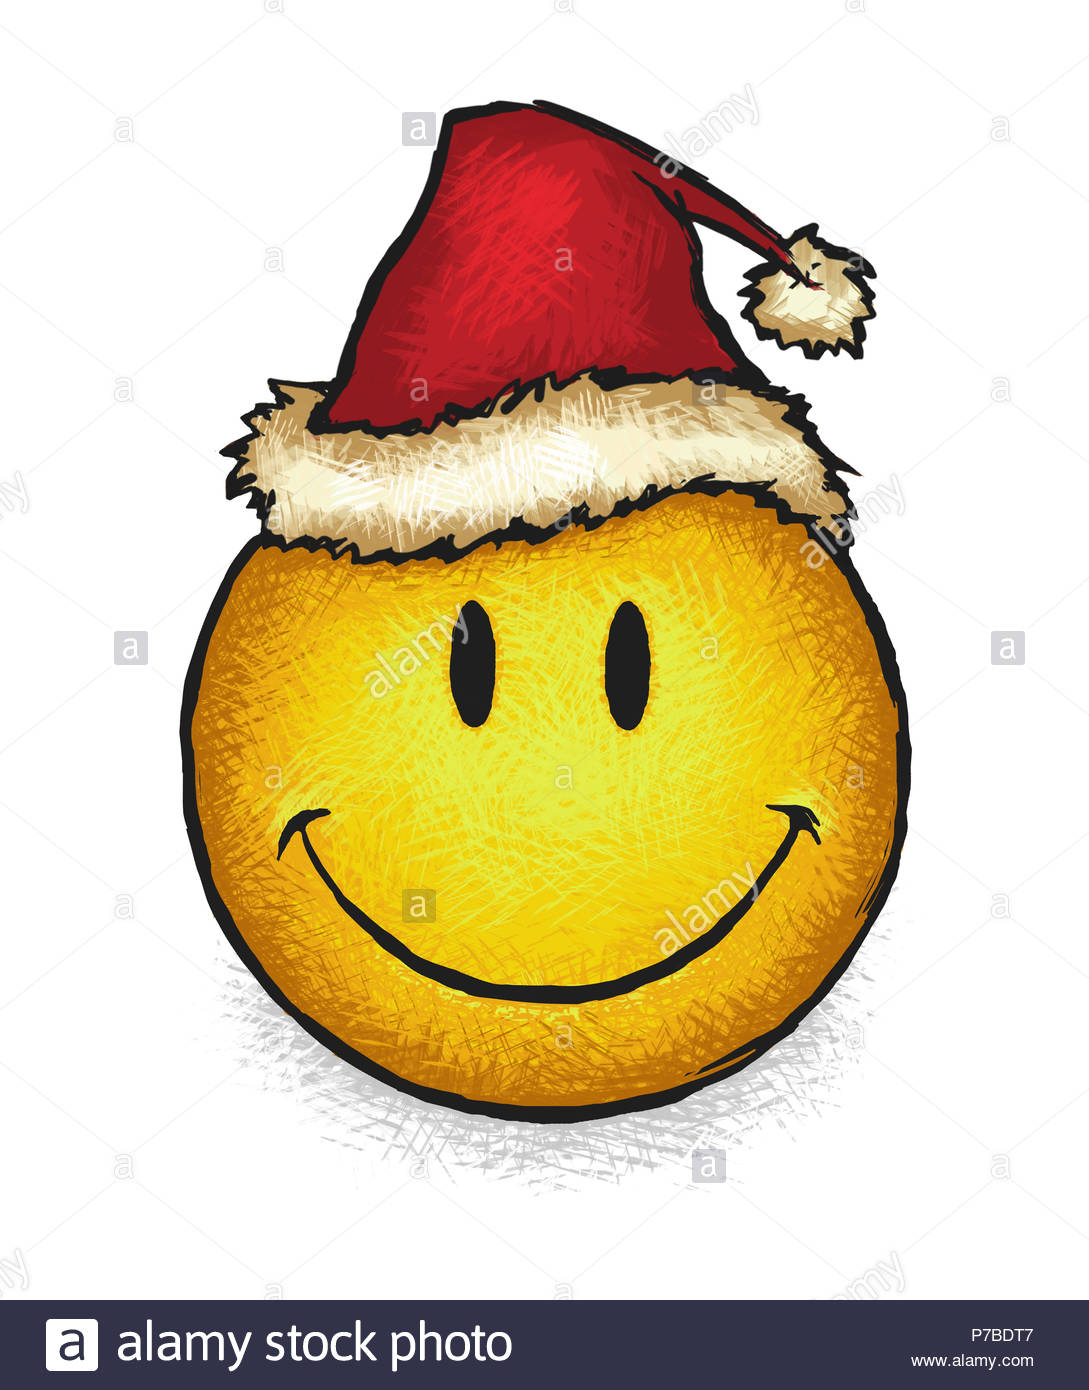 Weihnachten Smiley Stockfoto, Bild: 211079351 - Alamy